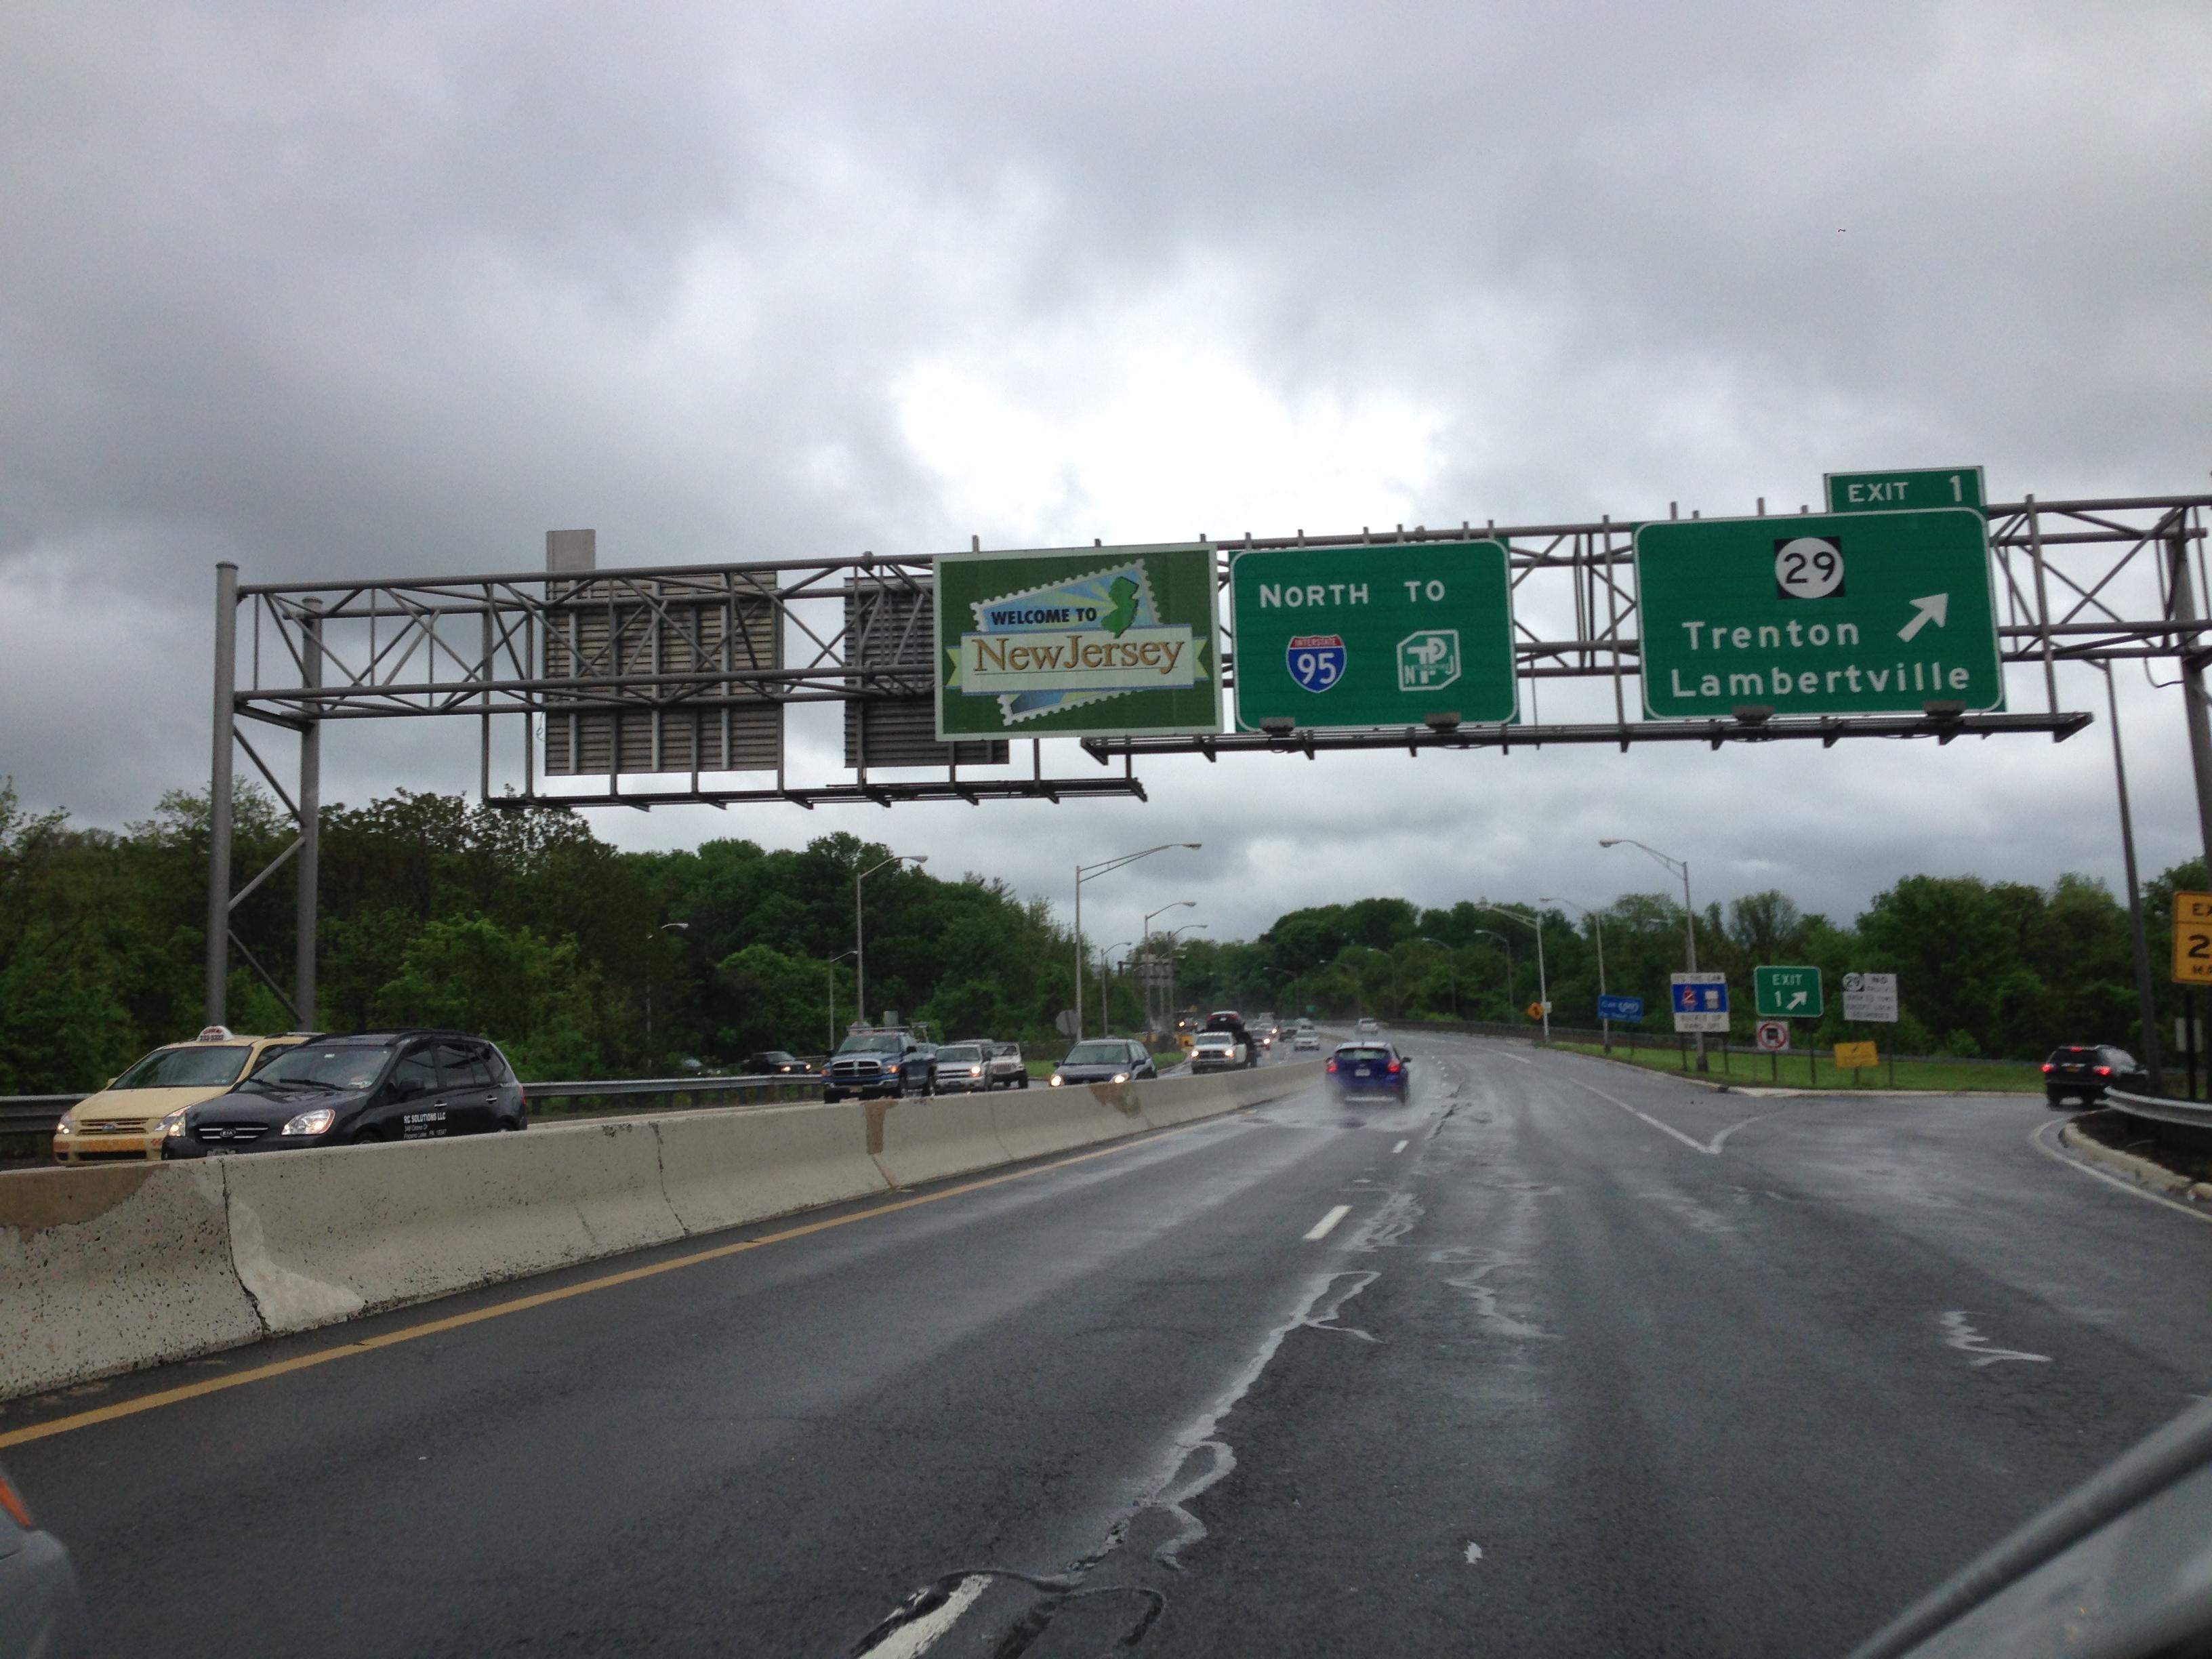 File:2014-05-16 15 52 ...I 95 Exit 29